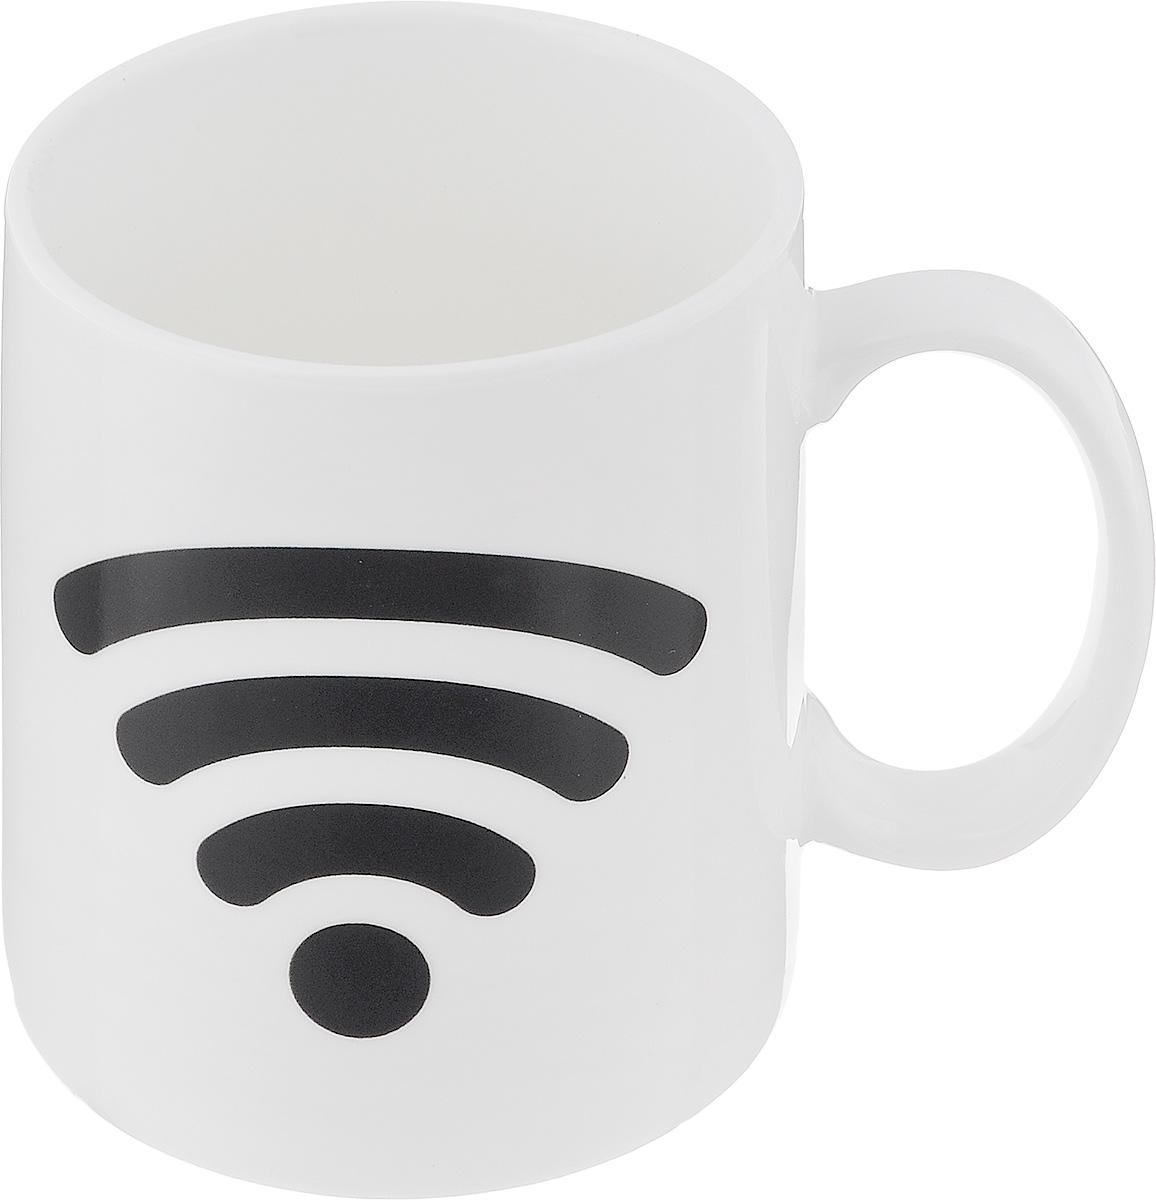 Кружка-хамелеон Эврика Включи Wi-Fi, 300 мл4003.000Кружка-хамелеон Эврика Включи WiFi выполнена из высококачественной керамики. По мере наполнения, шкала зарядки повышается. В холодном состоянии на кружке нарисована шкала Wi-Fi. Если в нее налить горячий напиток, то рисунок меняет цвет. Такой подарок станет не только приятным, но и практичным сувениром: кружка станет незаменимым атрибутом чаепития, а оригинальный дизайн вызовет улыбку.Высота кружки: 9,5 см.Диаметр (без учета ручки): 8 см.